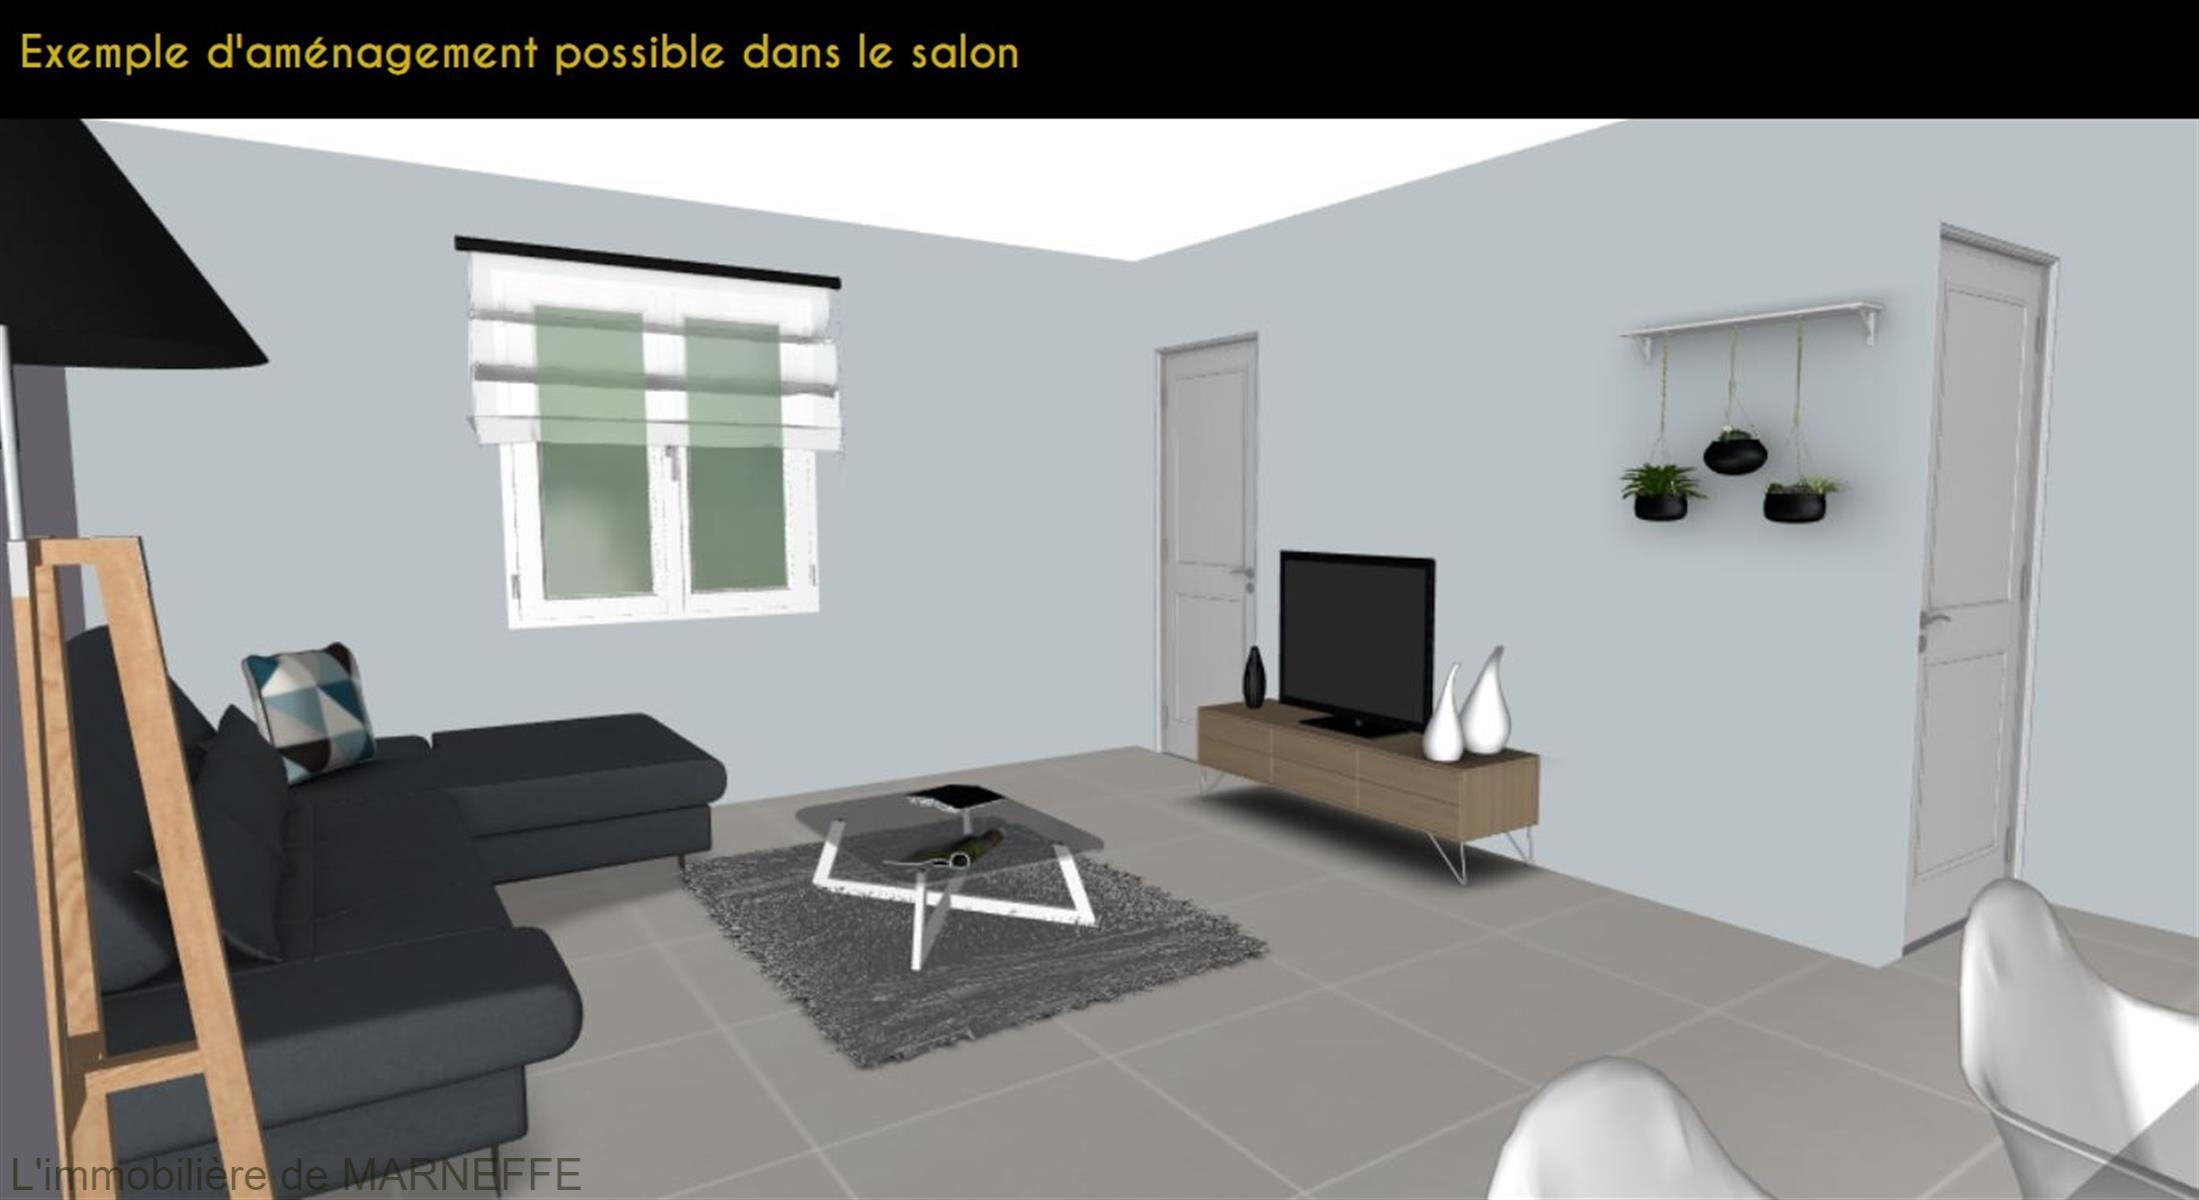 Maison - Wanze - #3703246-46